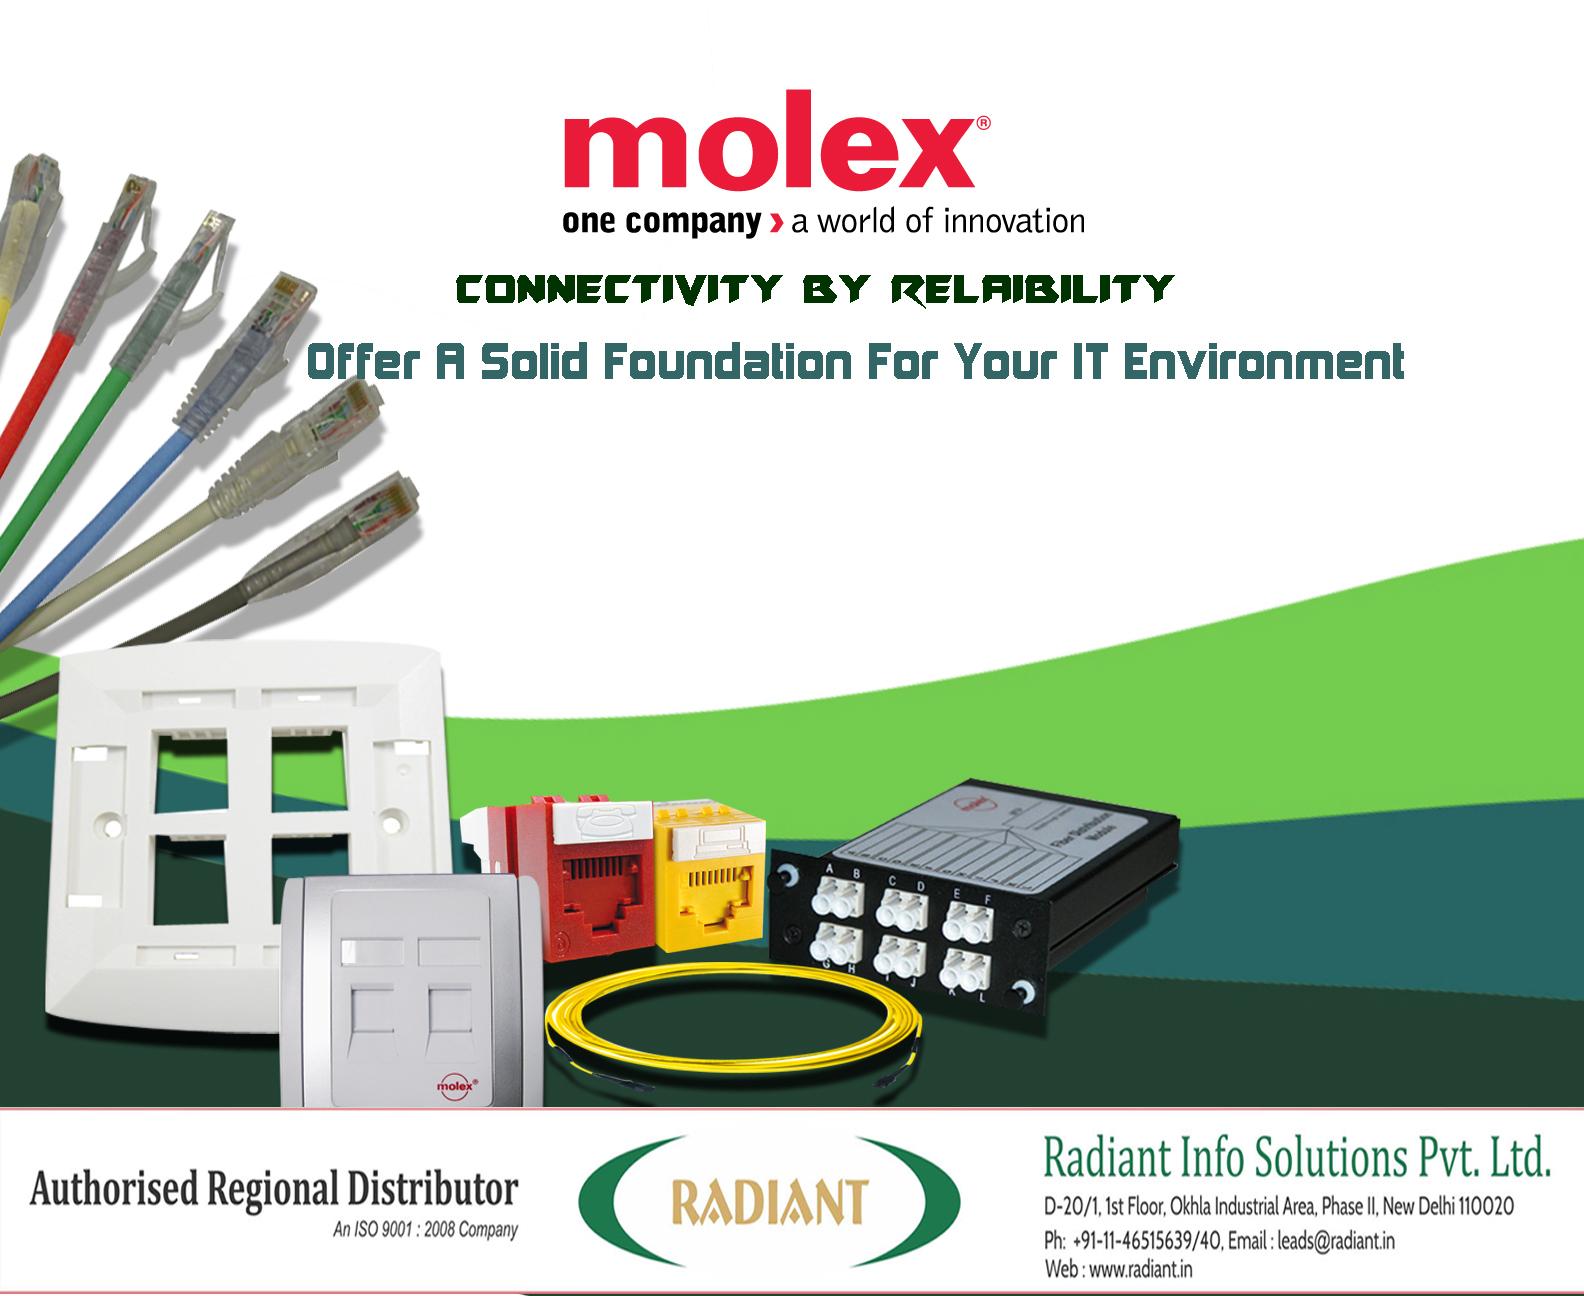 molexssss-2